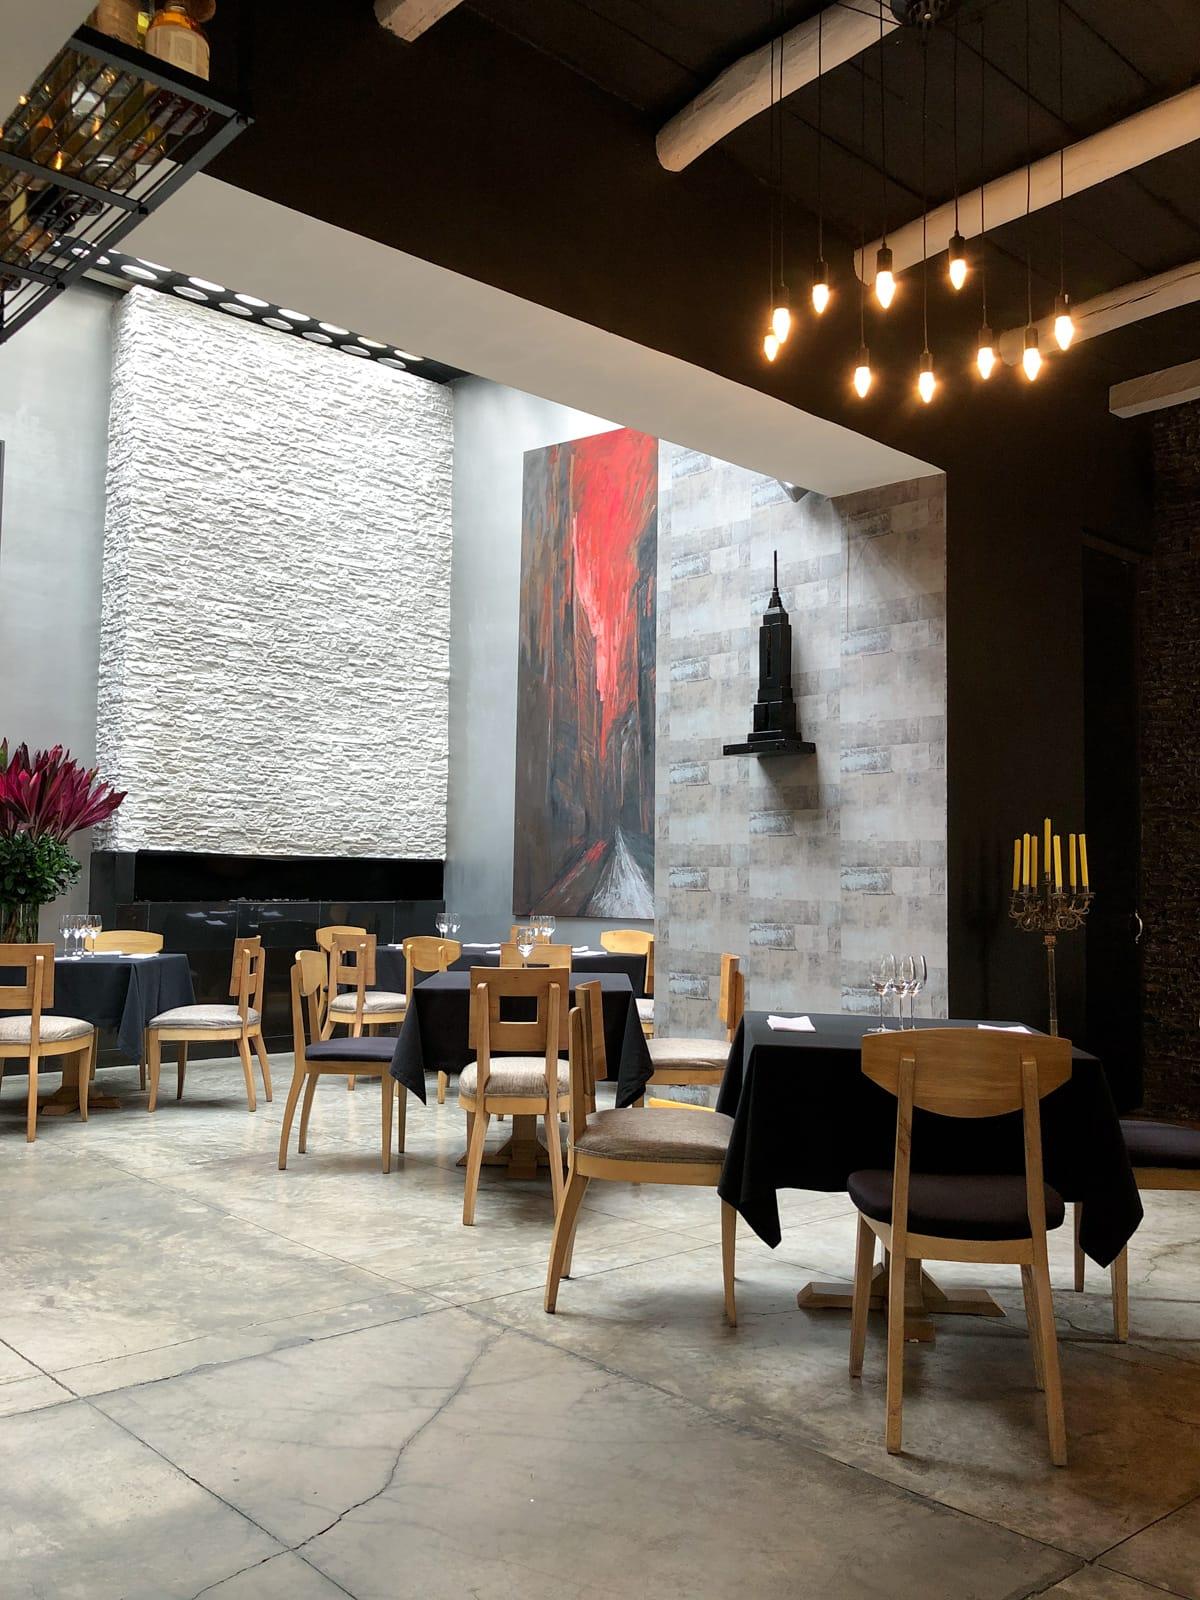 Dining room in Leo in Bogotá, Colombia